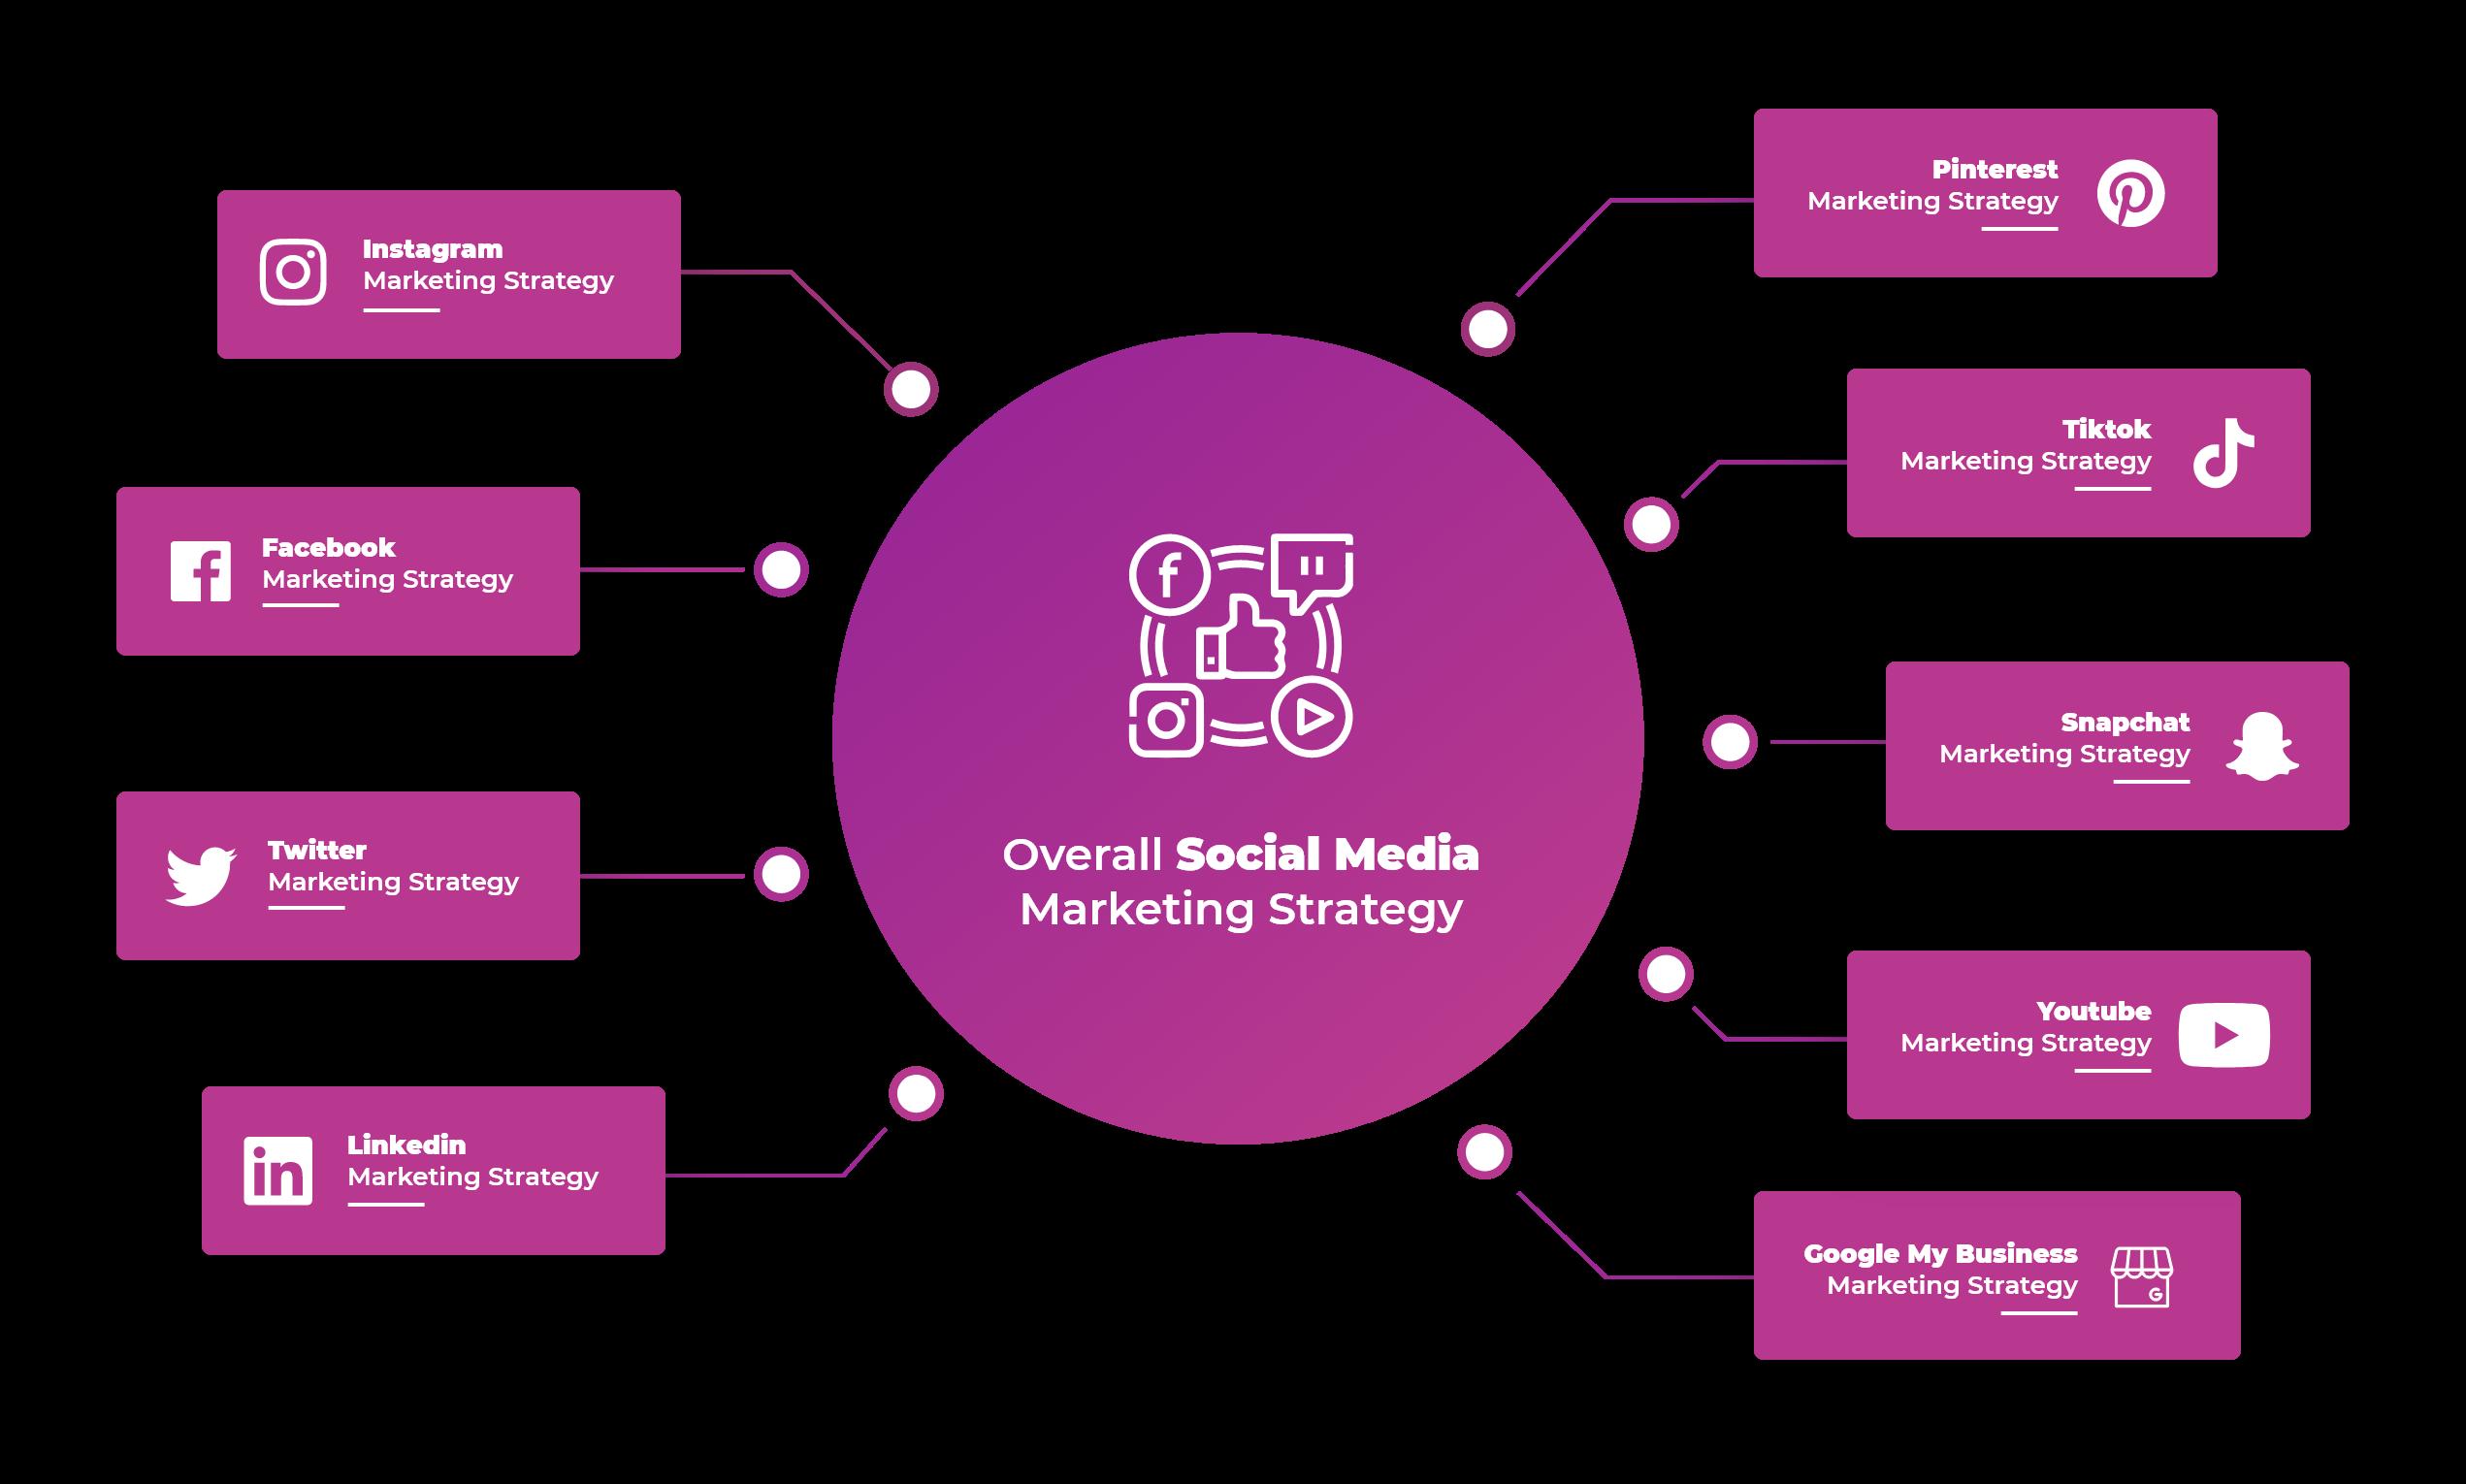 Estrategia general de marketing de medios sociales - Agencia C180